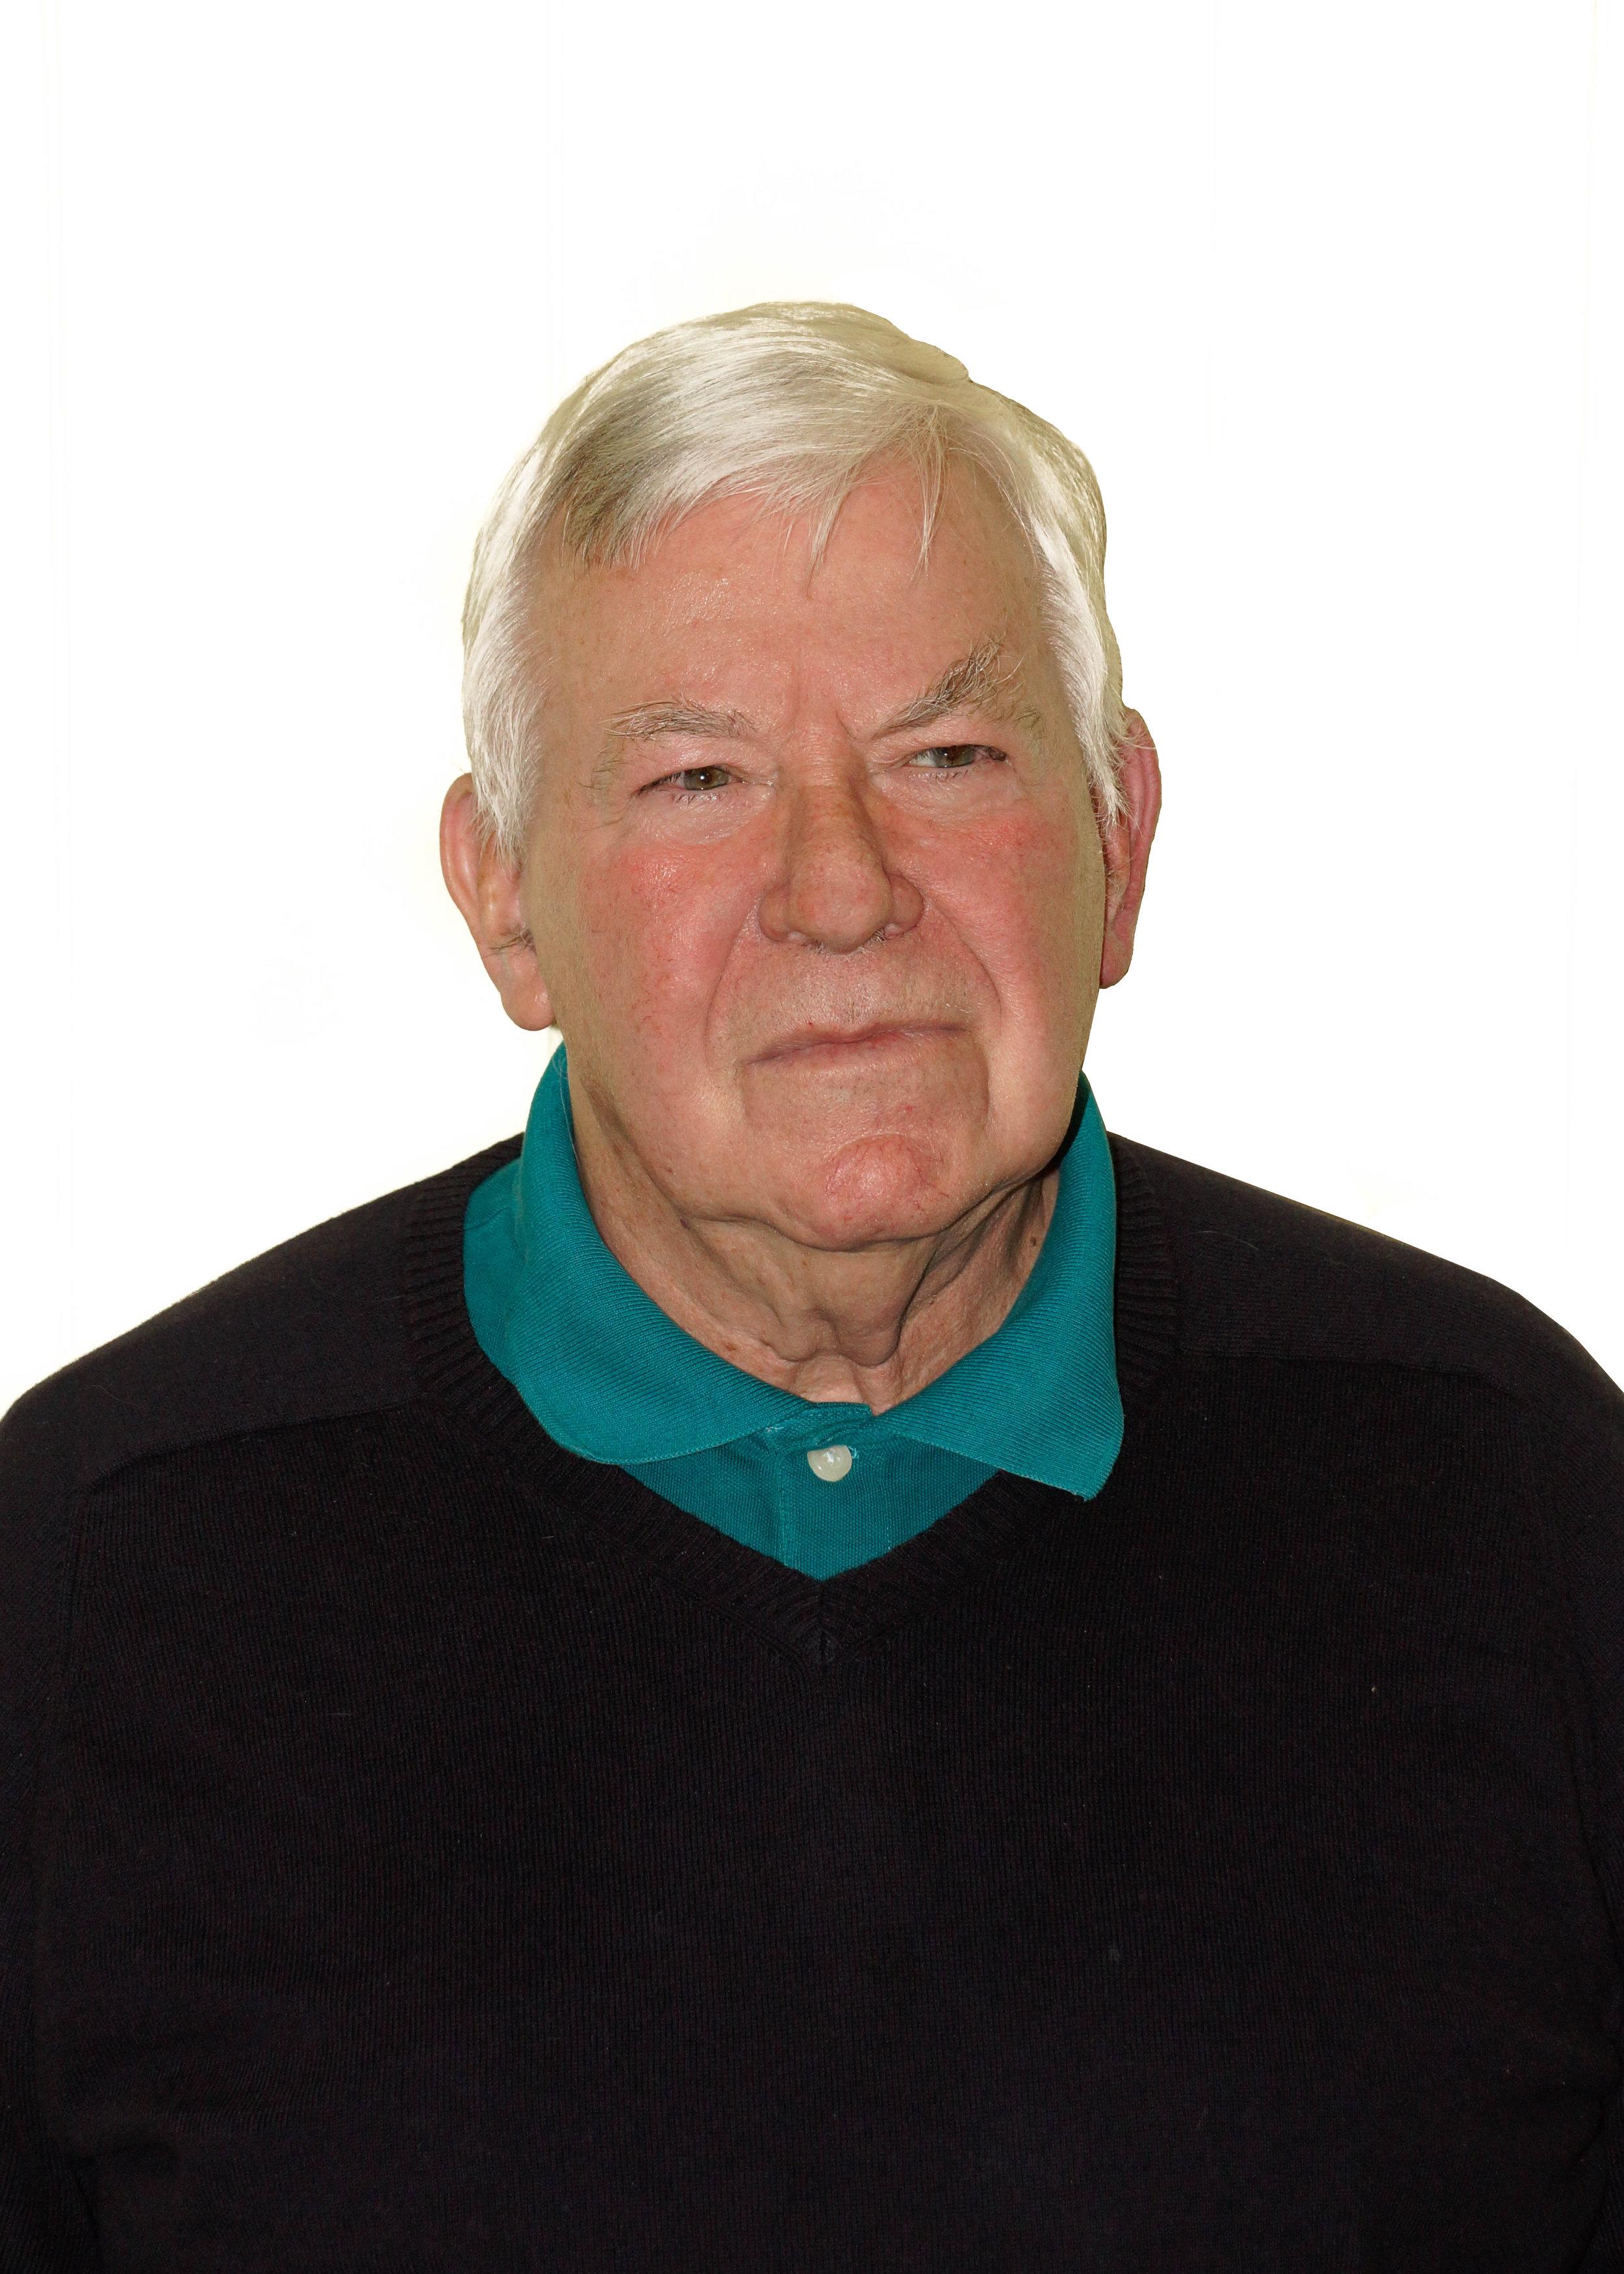 Carl Giessel